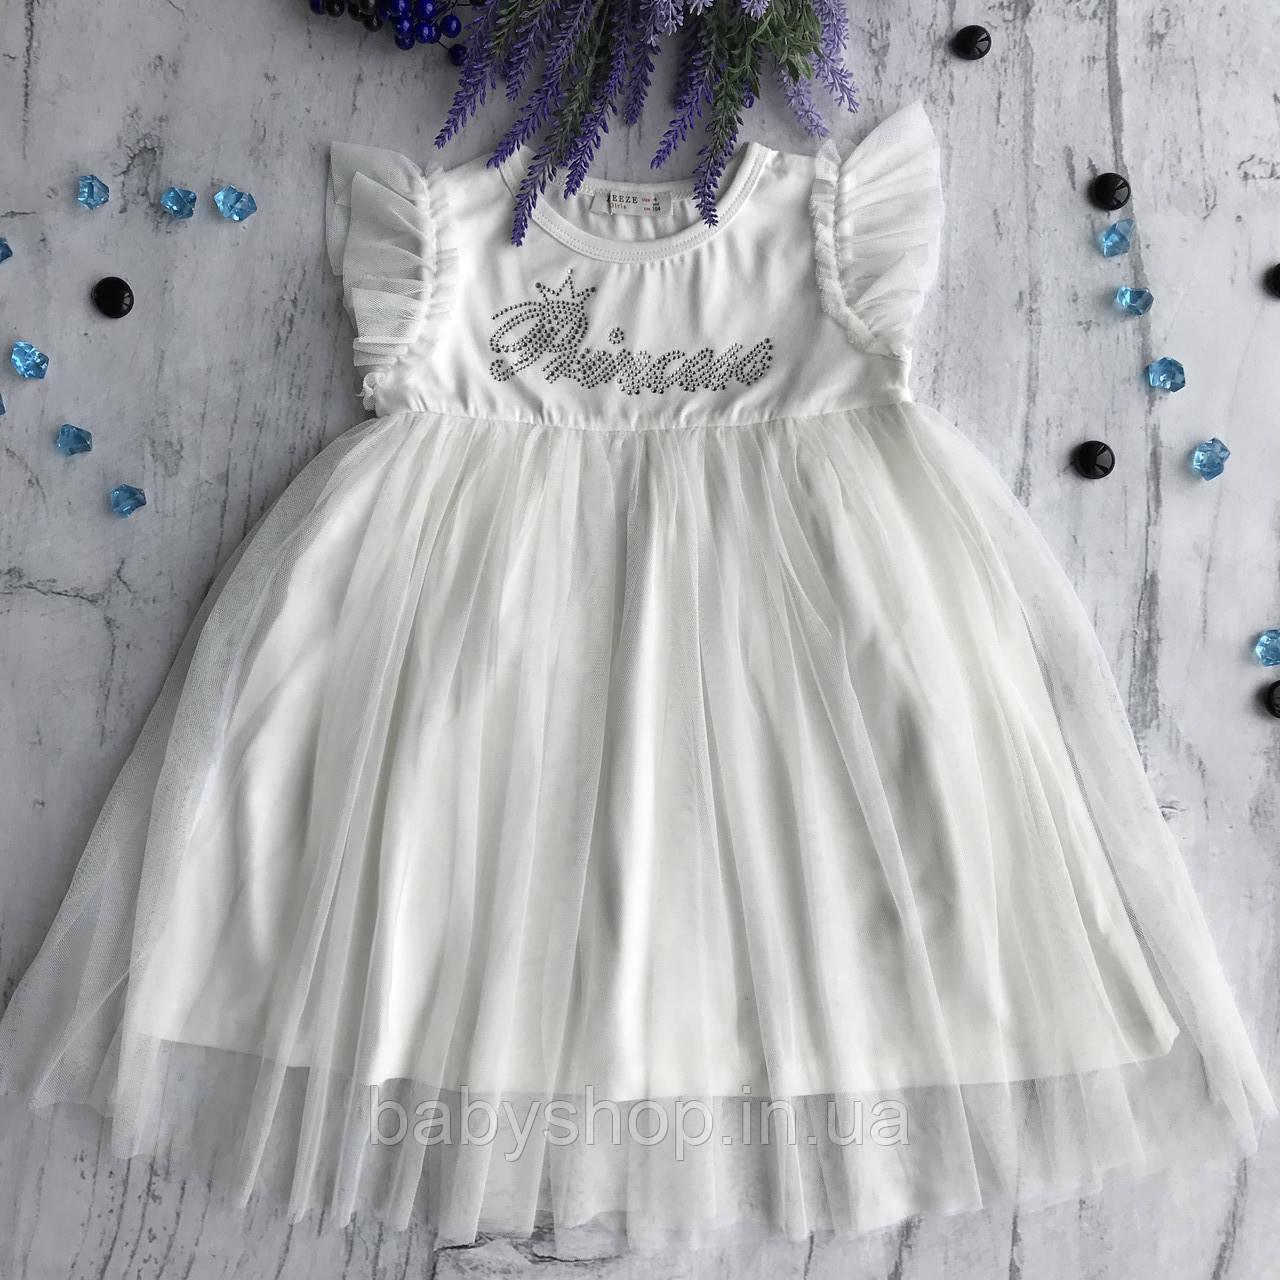 Летнее платье на девочку Breeze 123.Размеры 104 см, 110 см,116 см, 122 см,128 см